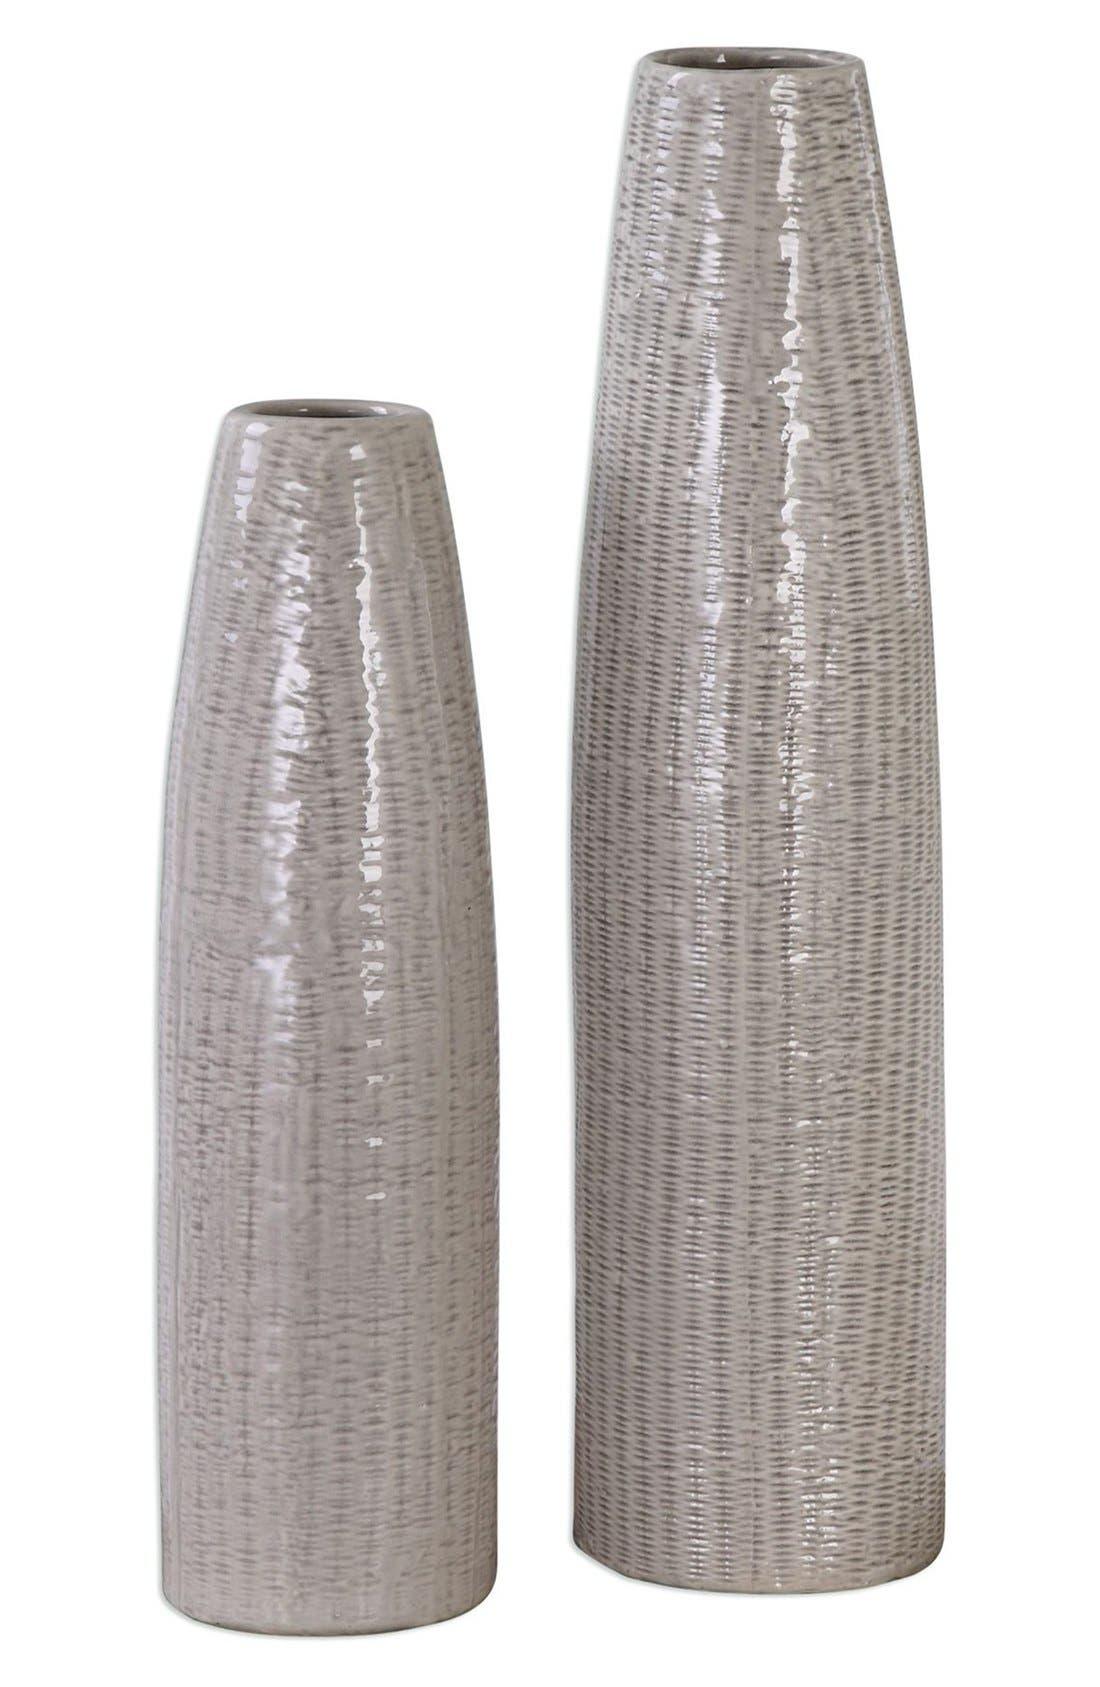 Uttermost Textured Ceramic Vases (Set of 2)